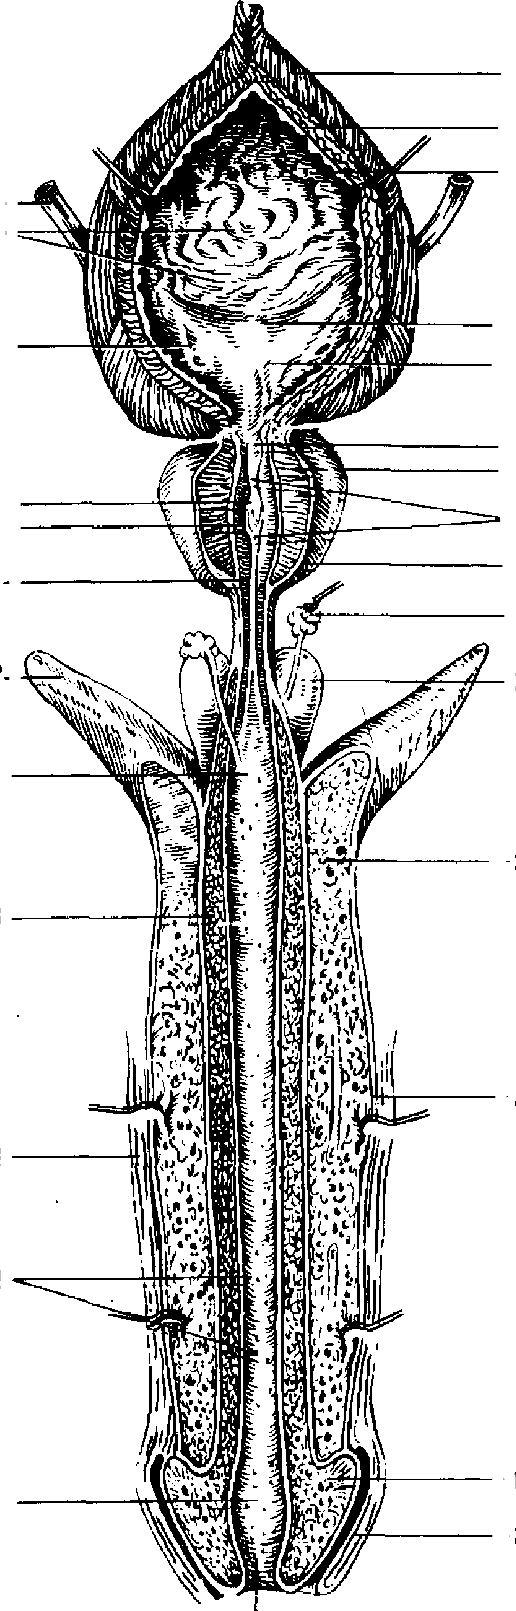 knyaginya-polovoy-organ